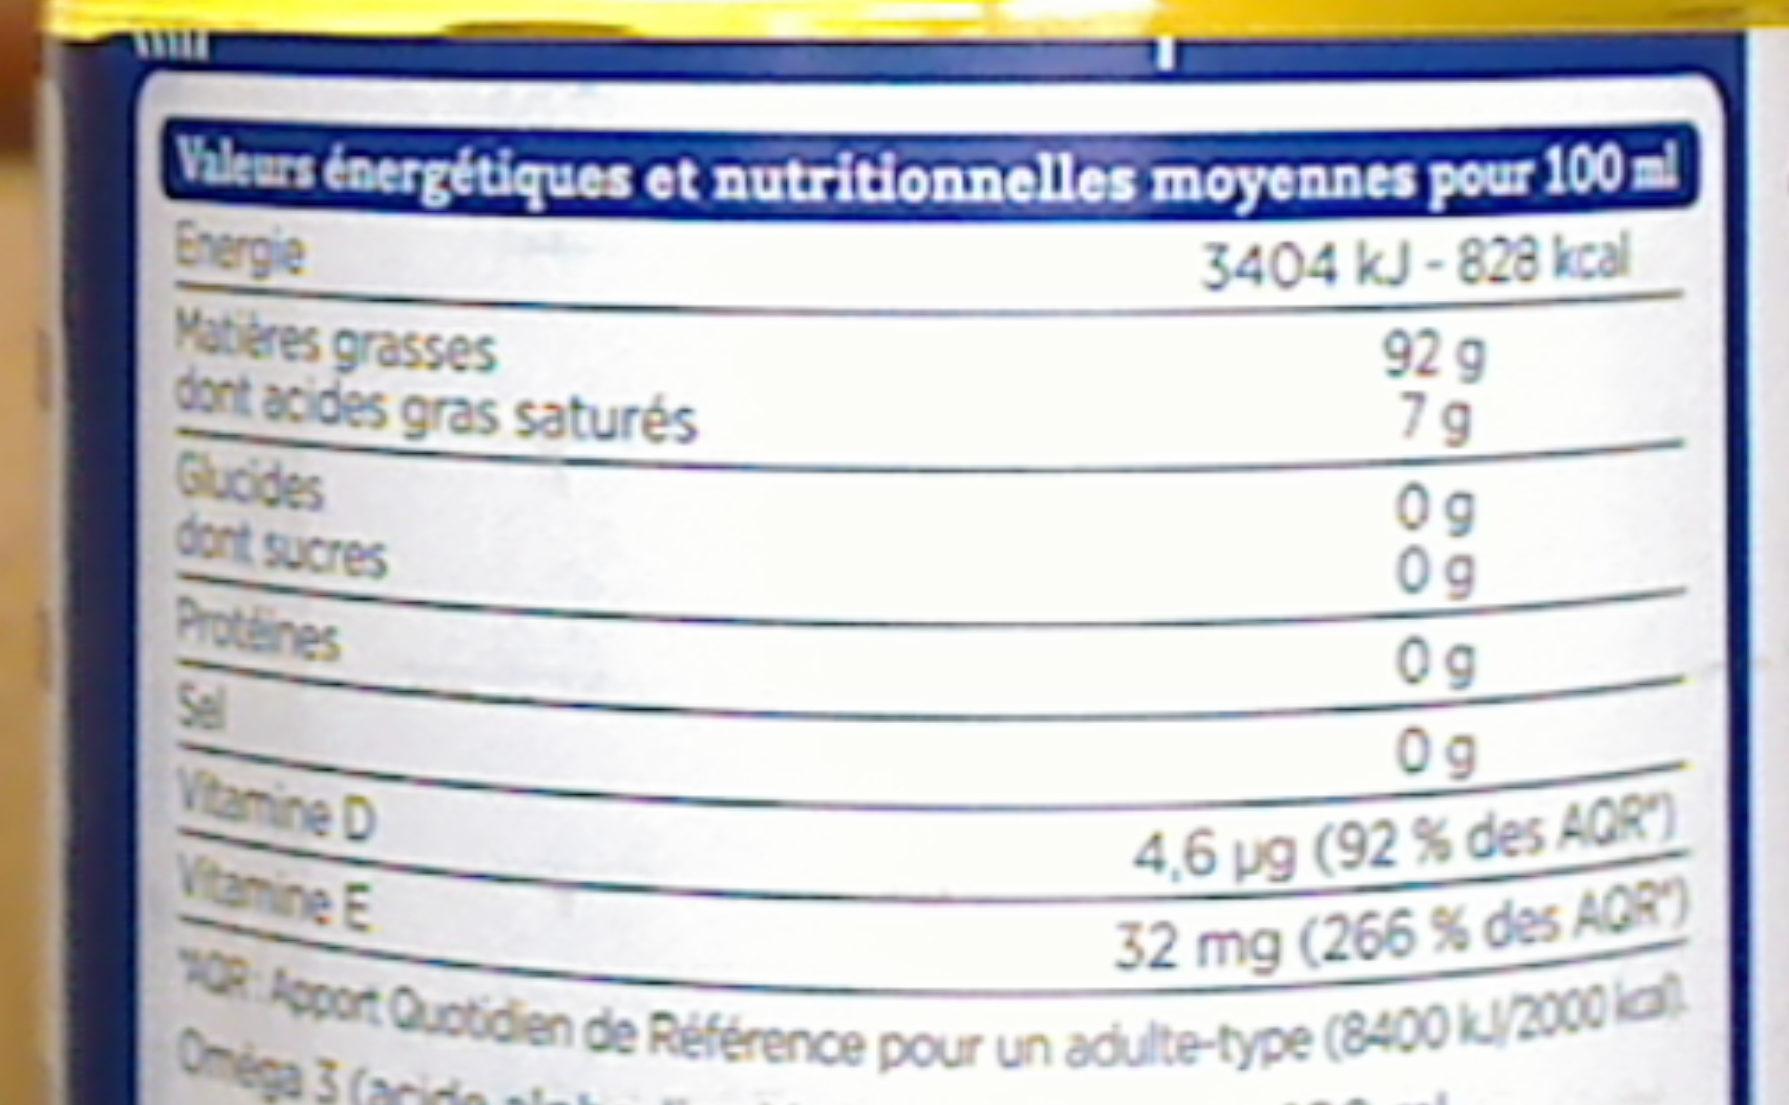 Mélange 4 huiles - Informations nutritionnelles - fr